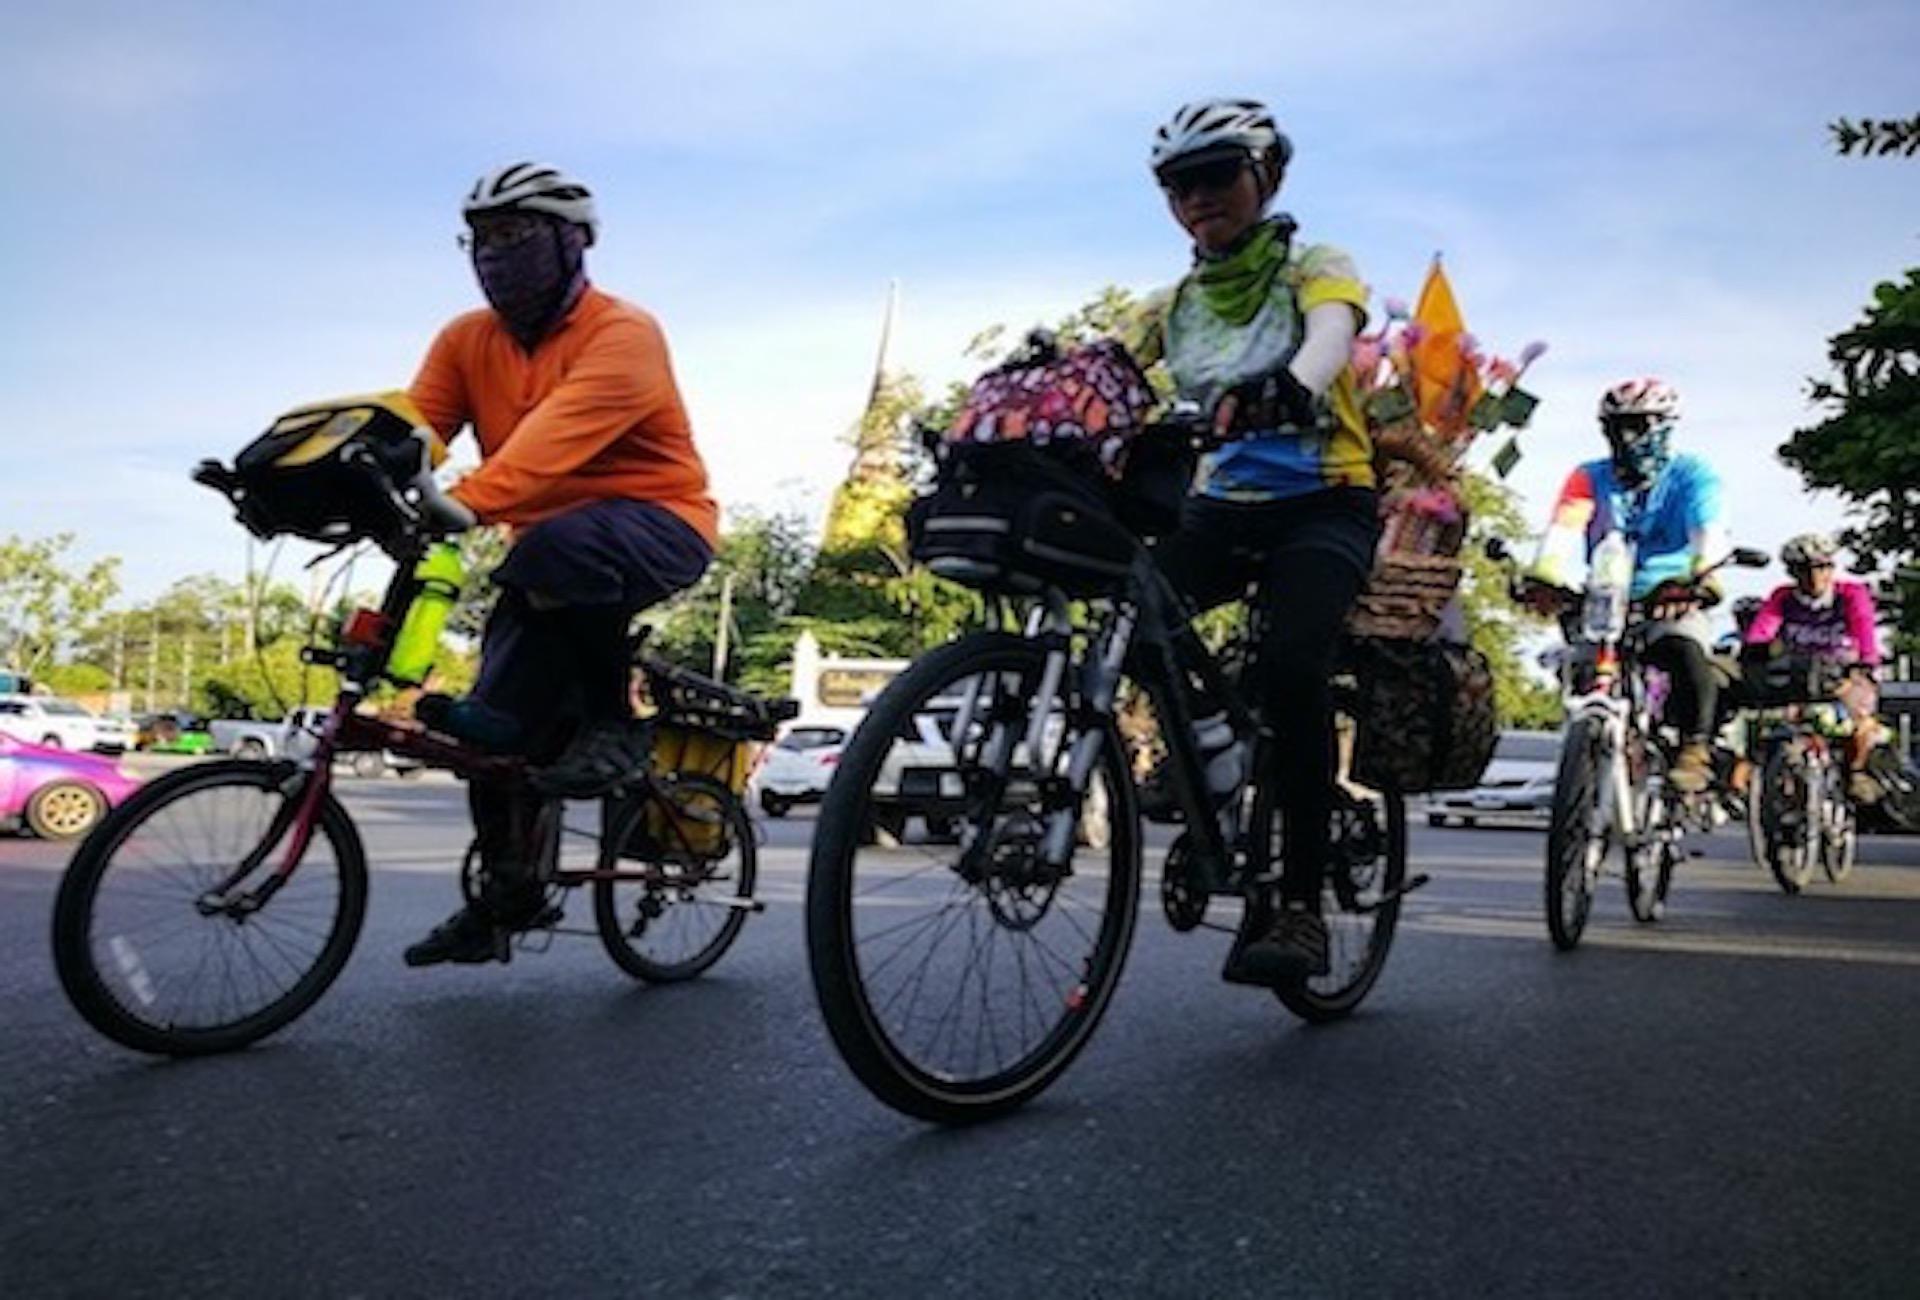 คลุกฝุ่น Cycling Club ปั่นจักรยานไปถวายผ้าป่าที่วัดพระบาทนำ้พุ